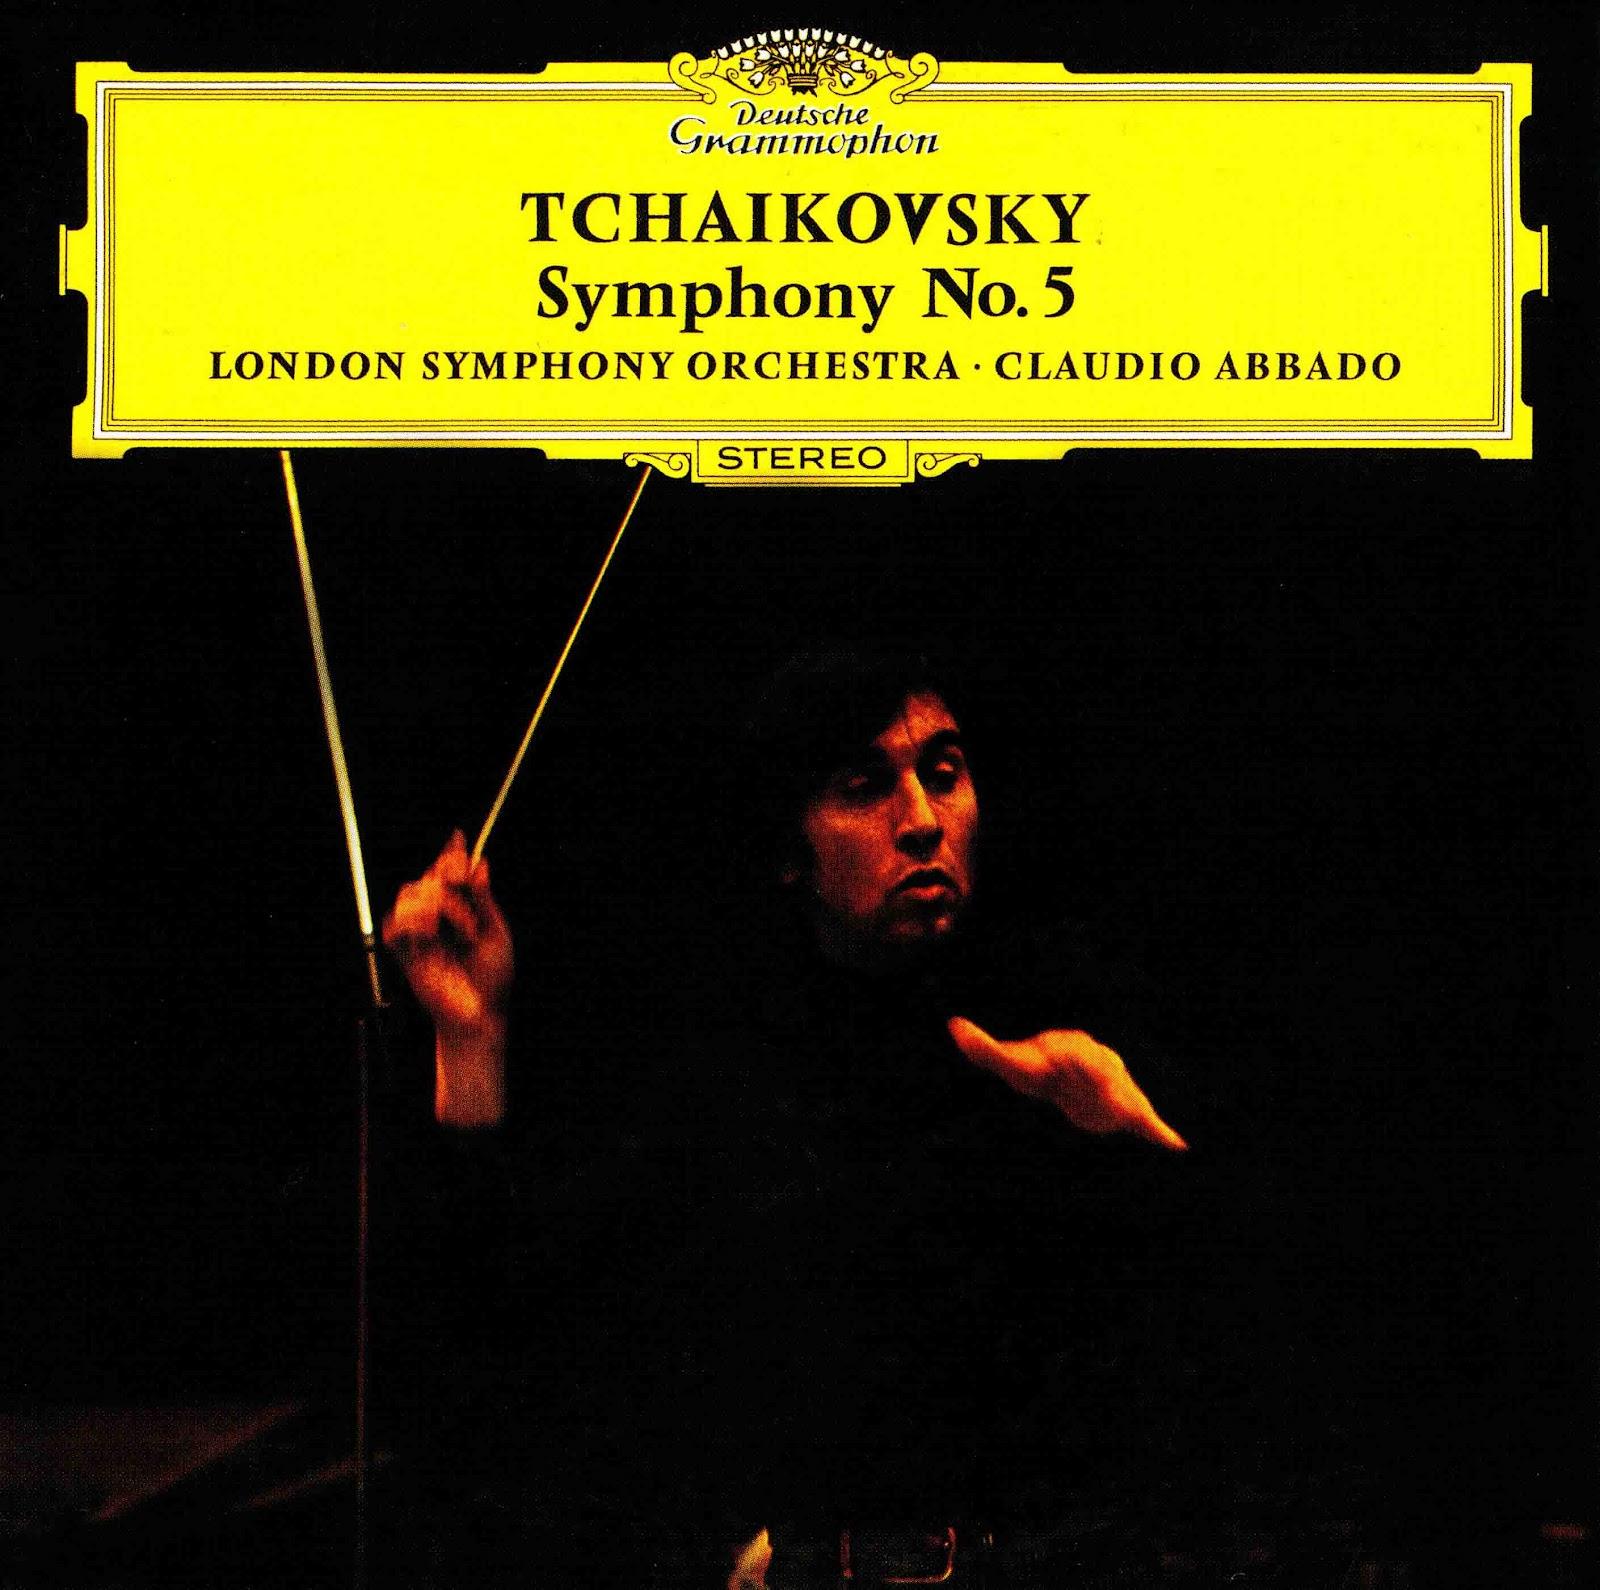 Tchaikovsky's Symphony No. 6